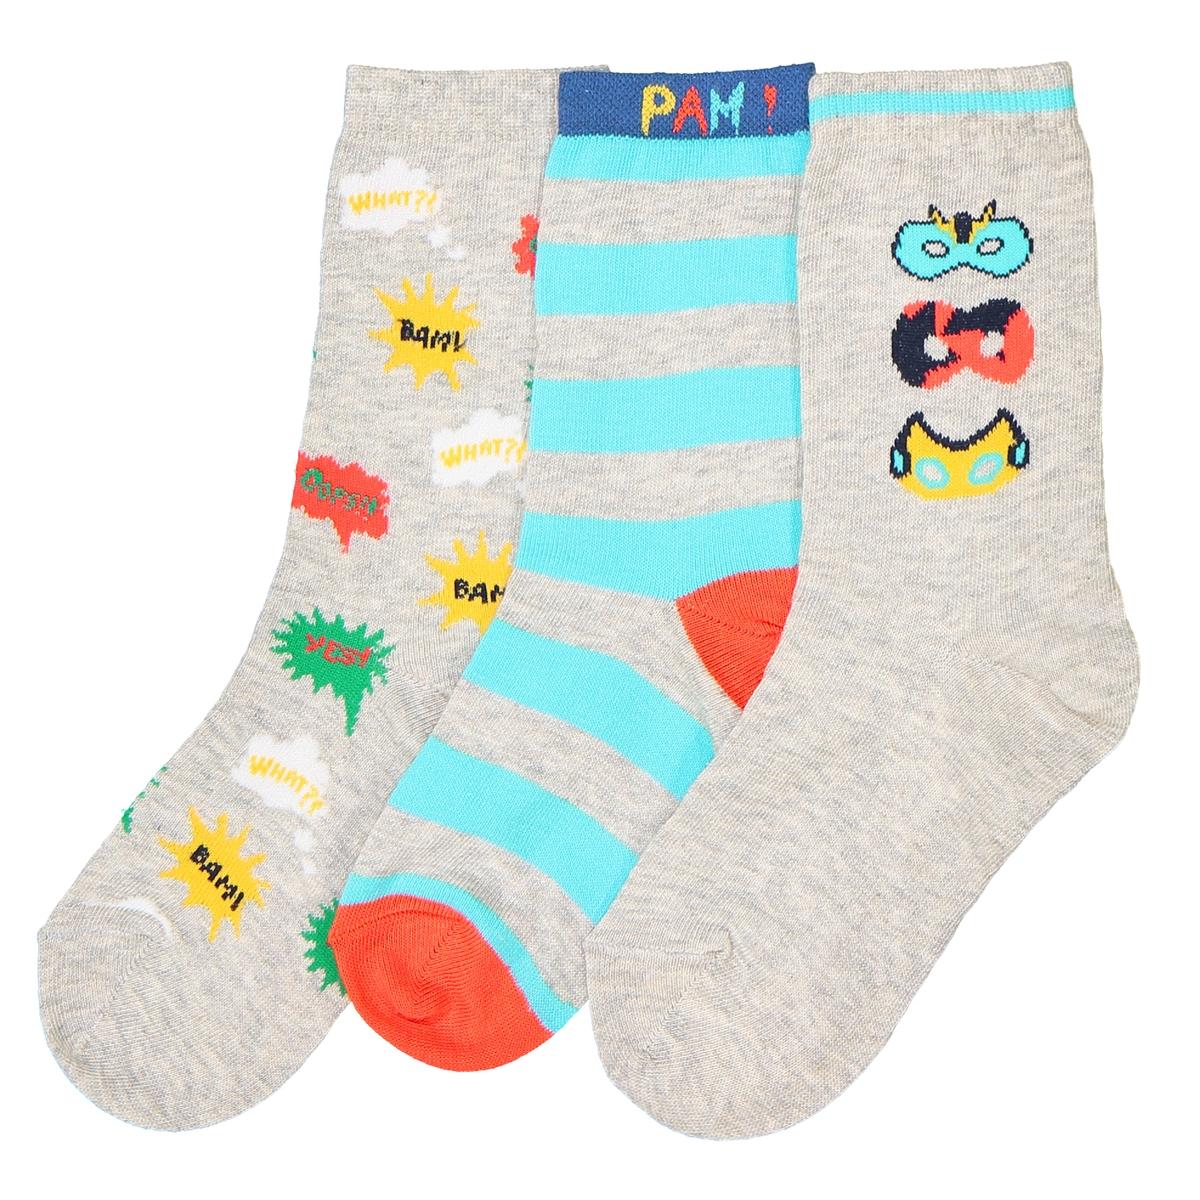 Носки средней длины, оригинальные, комплект из 3 парОписание:Комплект из 3 пар цветных и весёлых носков средней длины : рисунок маски, рисунок кляксы и 1 пара носков в полоску, прекрасно подходят для детей!Состав и описание :Комплект из 3 пар носков средней длины: 1 пара в разноцветную полосу, 1 пара с рисунком кляксы,  1 пара с рисунком маски героевСостав: Носки маски: 68% хлопка - 31% полиамида - 1% эластанаНоски в полоску: 76% хлопка - 23% полиамида - 1% эластана Другие цвета : 59% хлопка - 40% полиамида - 1% эластанаУход :Машинная стирка при  30°C с вещами подобных цветов.Стирать, сушить и гладить с изнаночной стороны.Машинная сушка в умеренном режиме..Гладить при умеренной температуре.<br><br>Цвет: рисунок разноцветный<br>Размер: 35/38.27/30